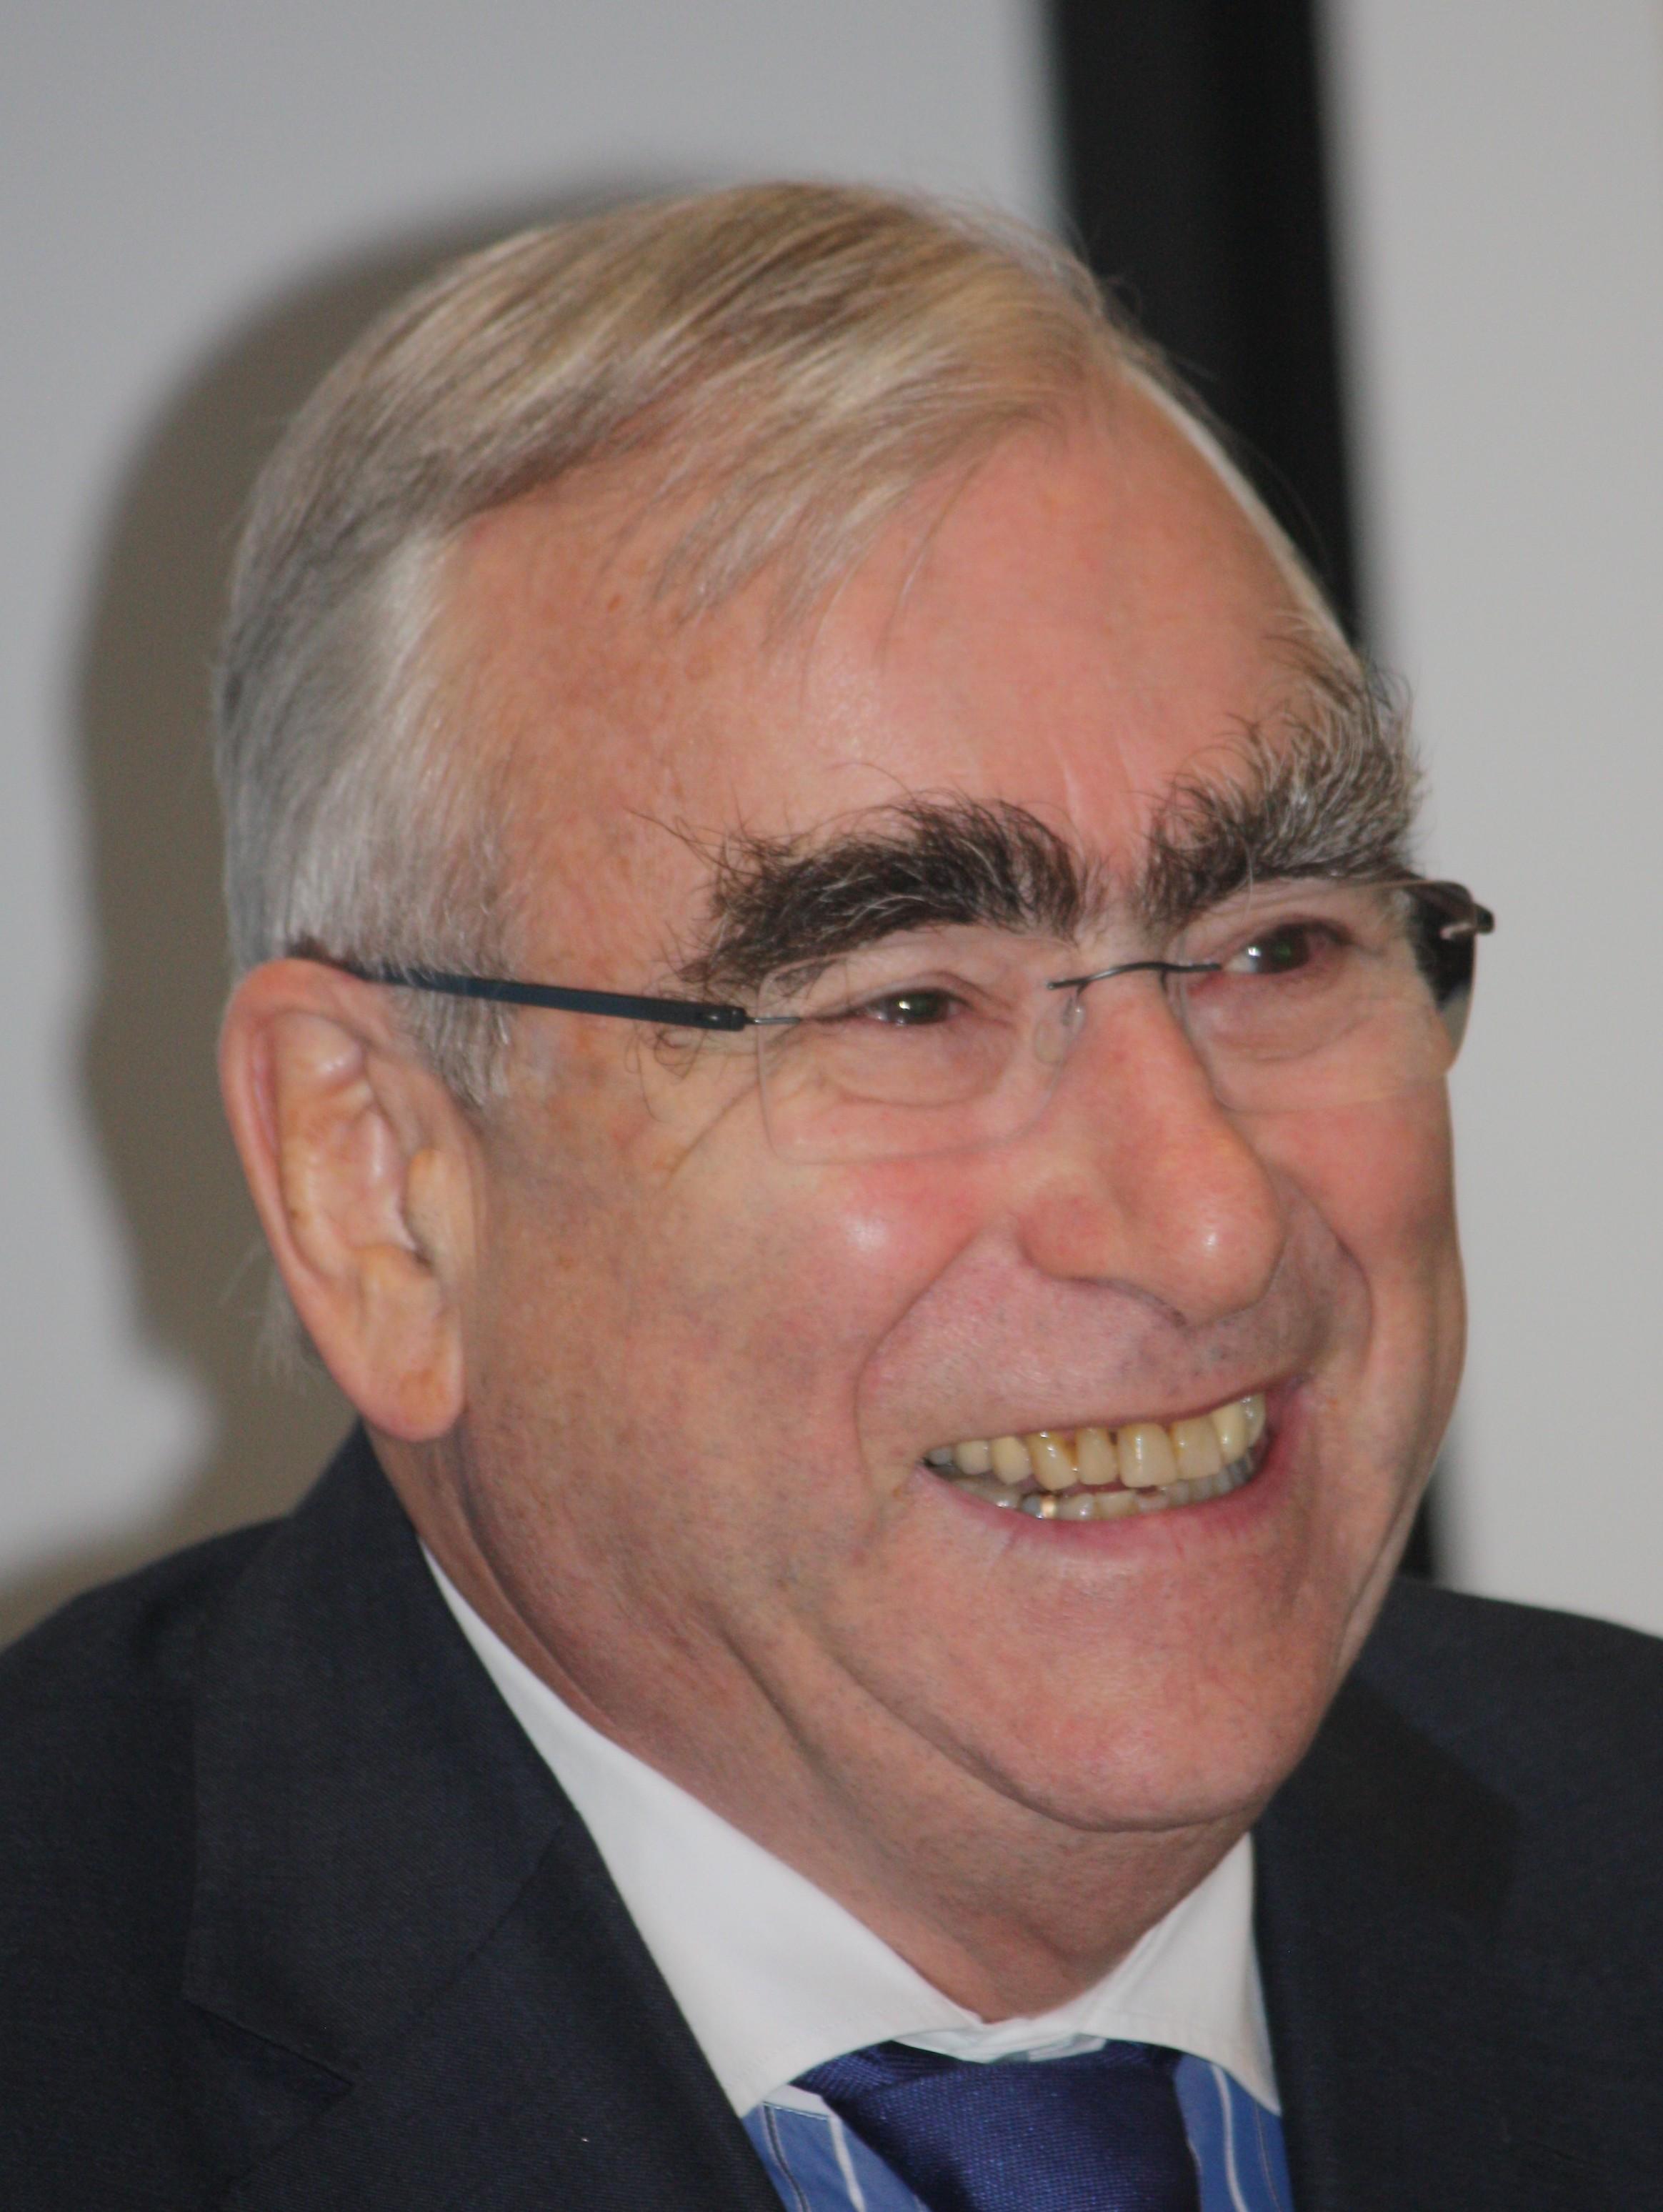 Theo Waigel in 2012